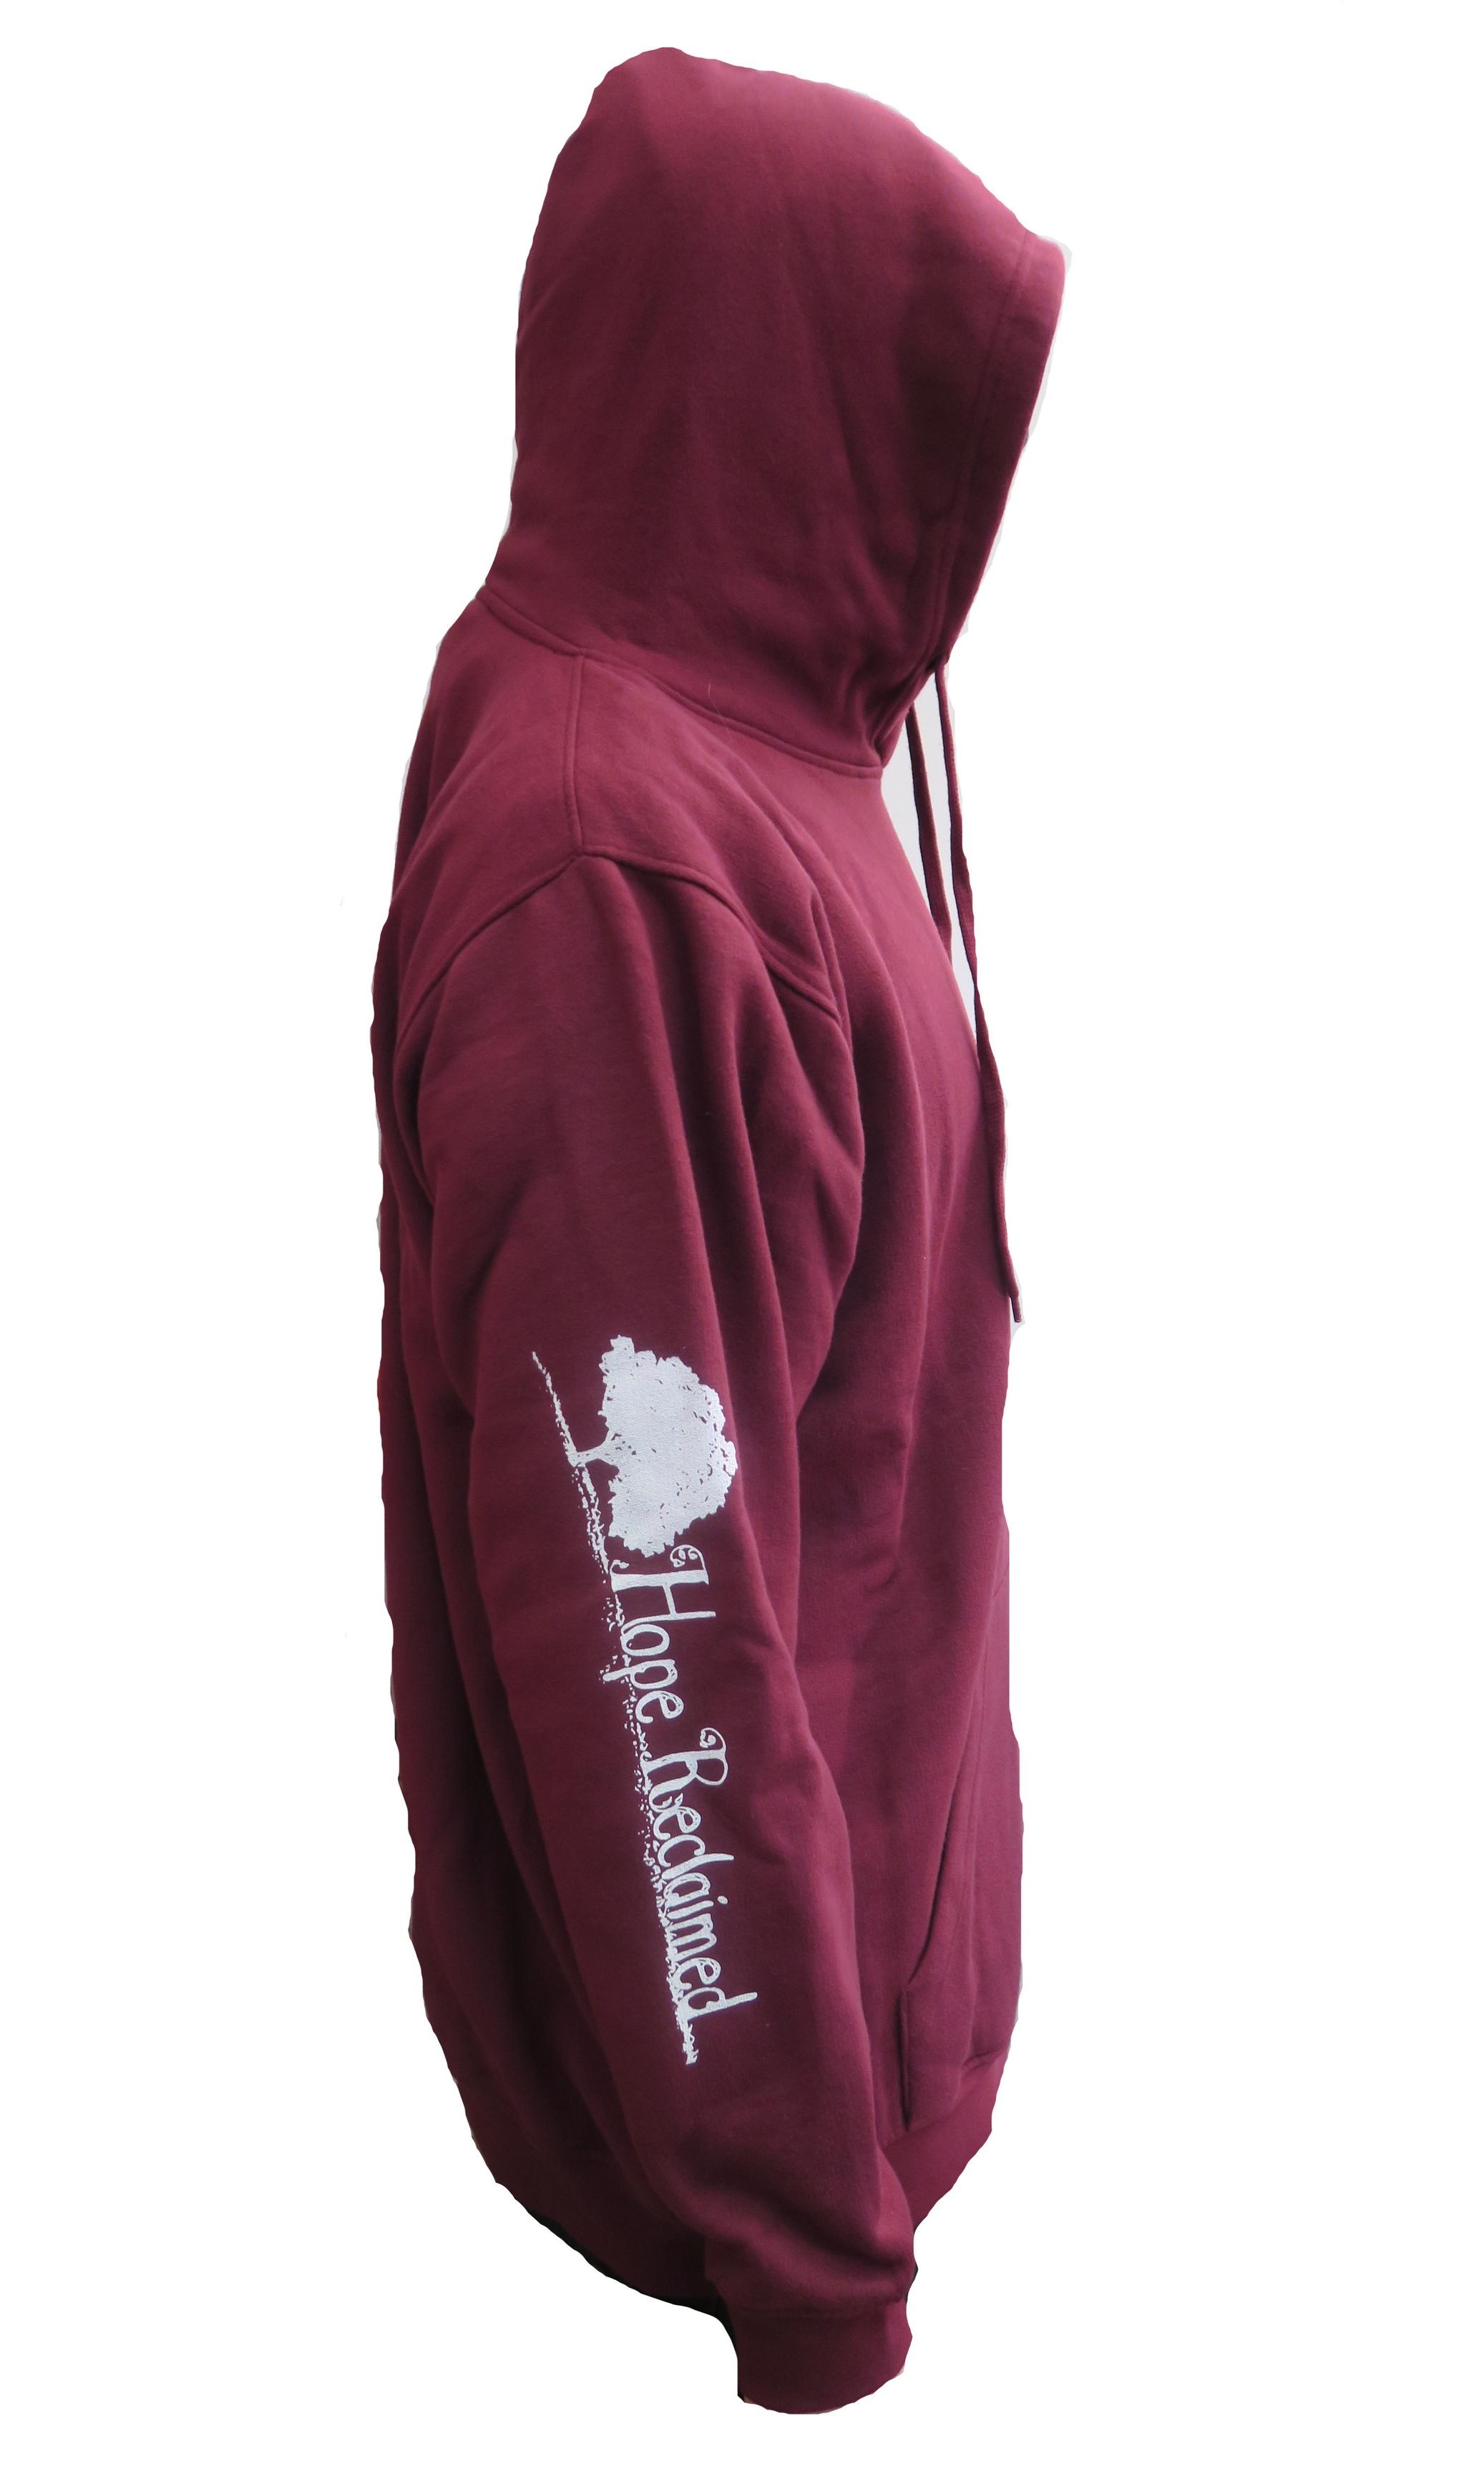 hoodie 2 side.JPG